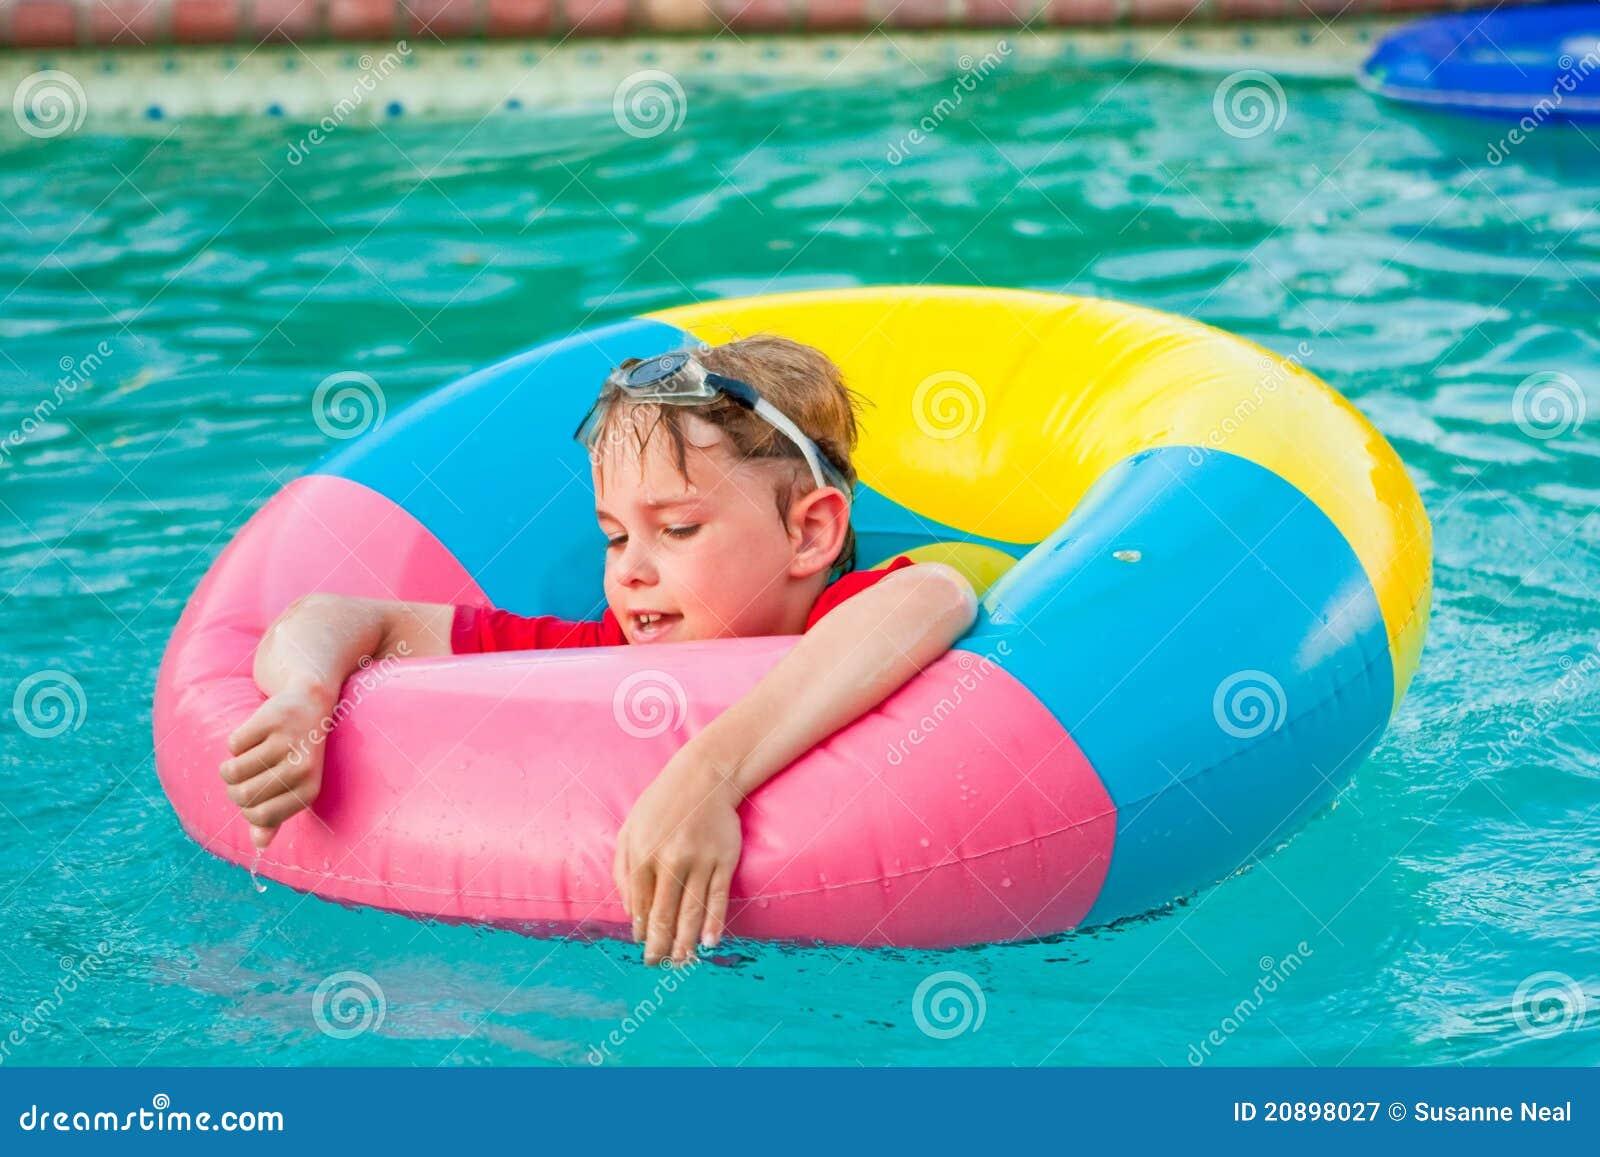 yellow raft in blue water essay ideas